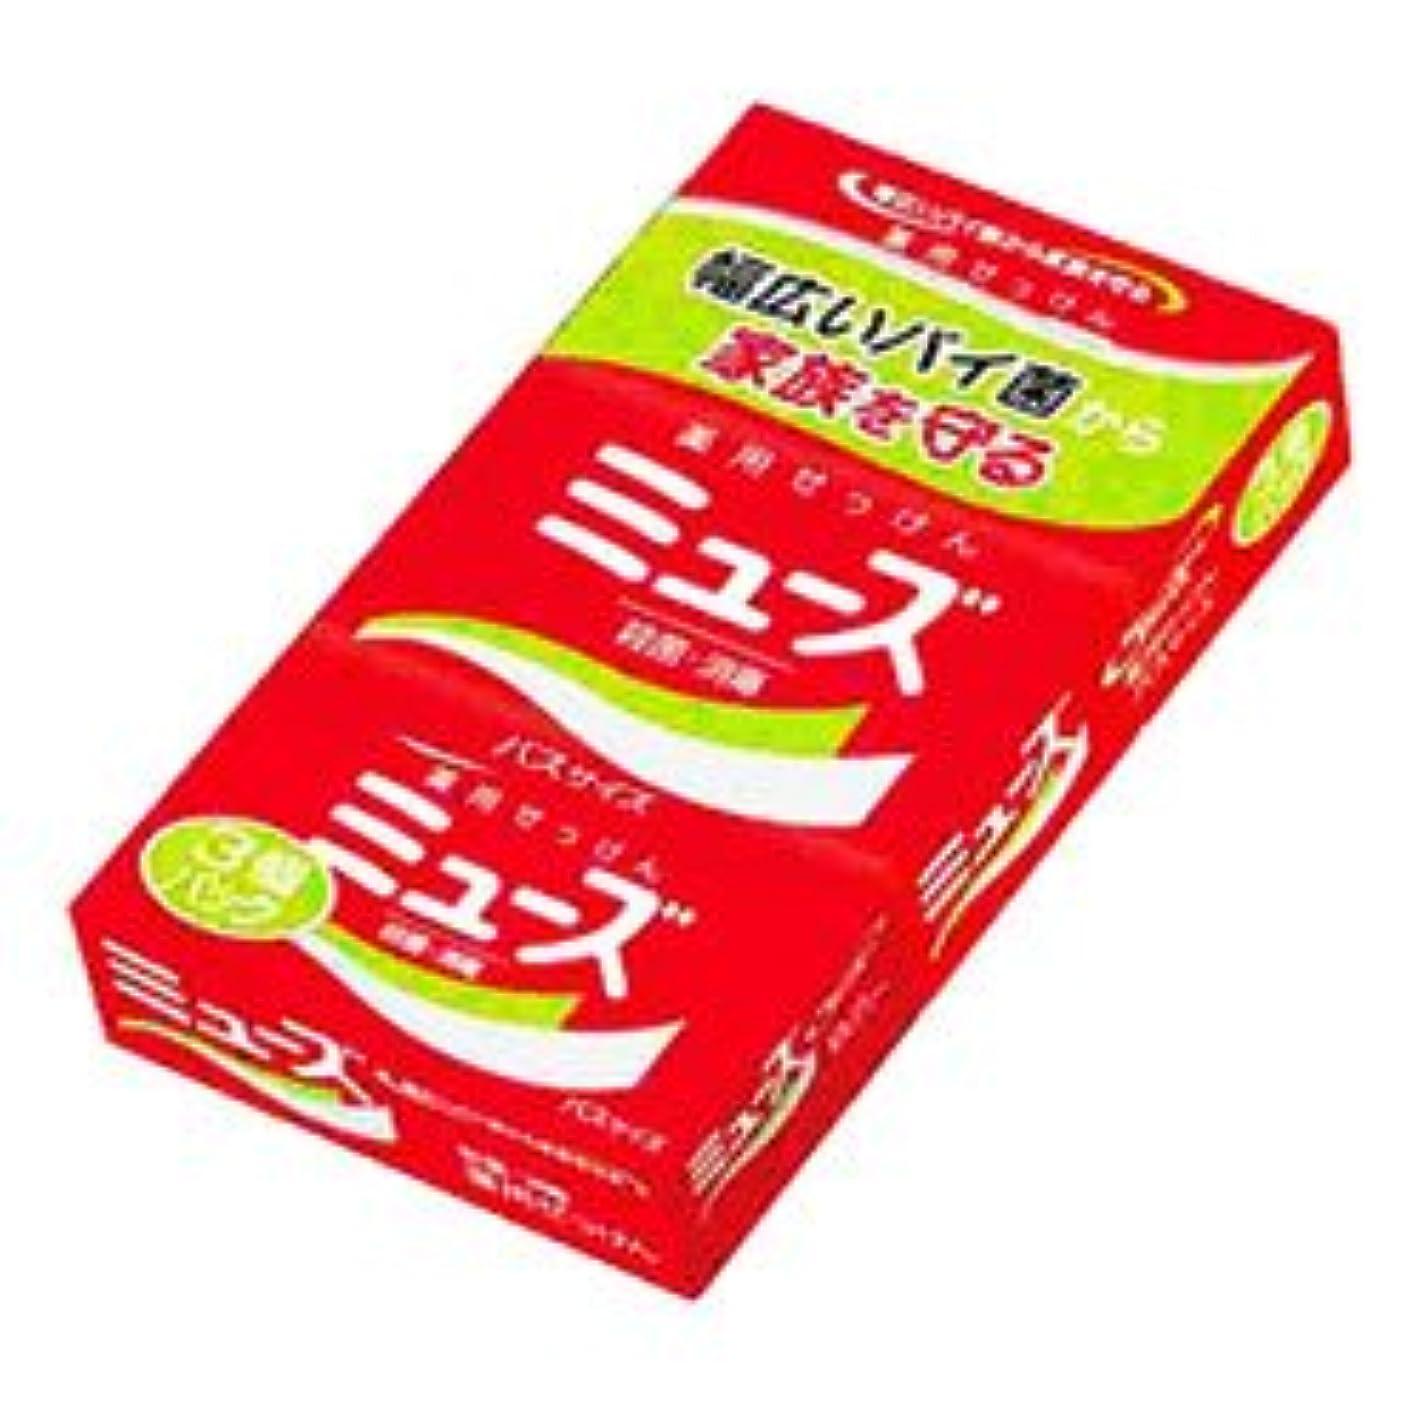 レーザ預言者納屋【アース製薬】ミューズ石鹸 バスサイズ 135g*3 ×20個セット